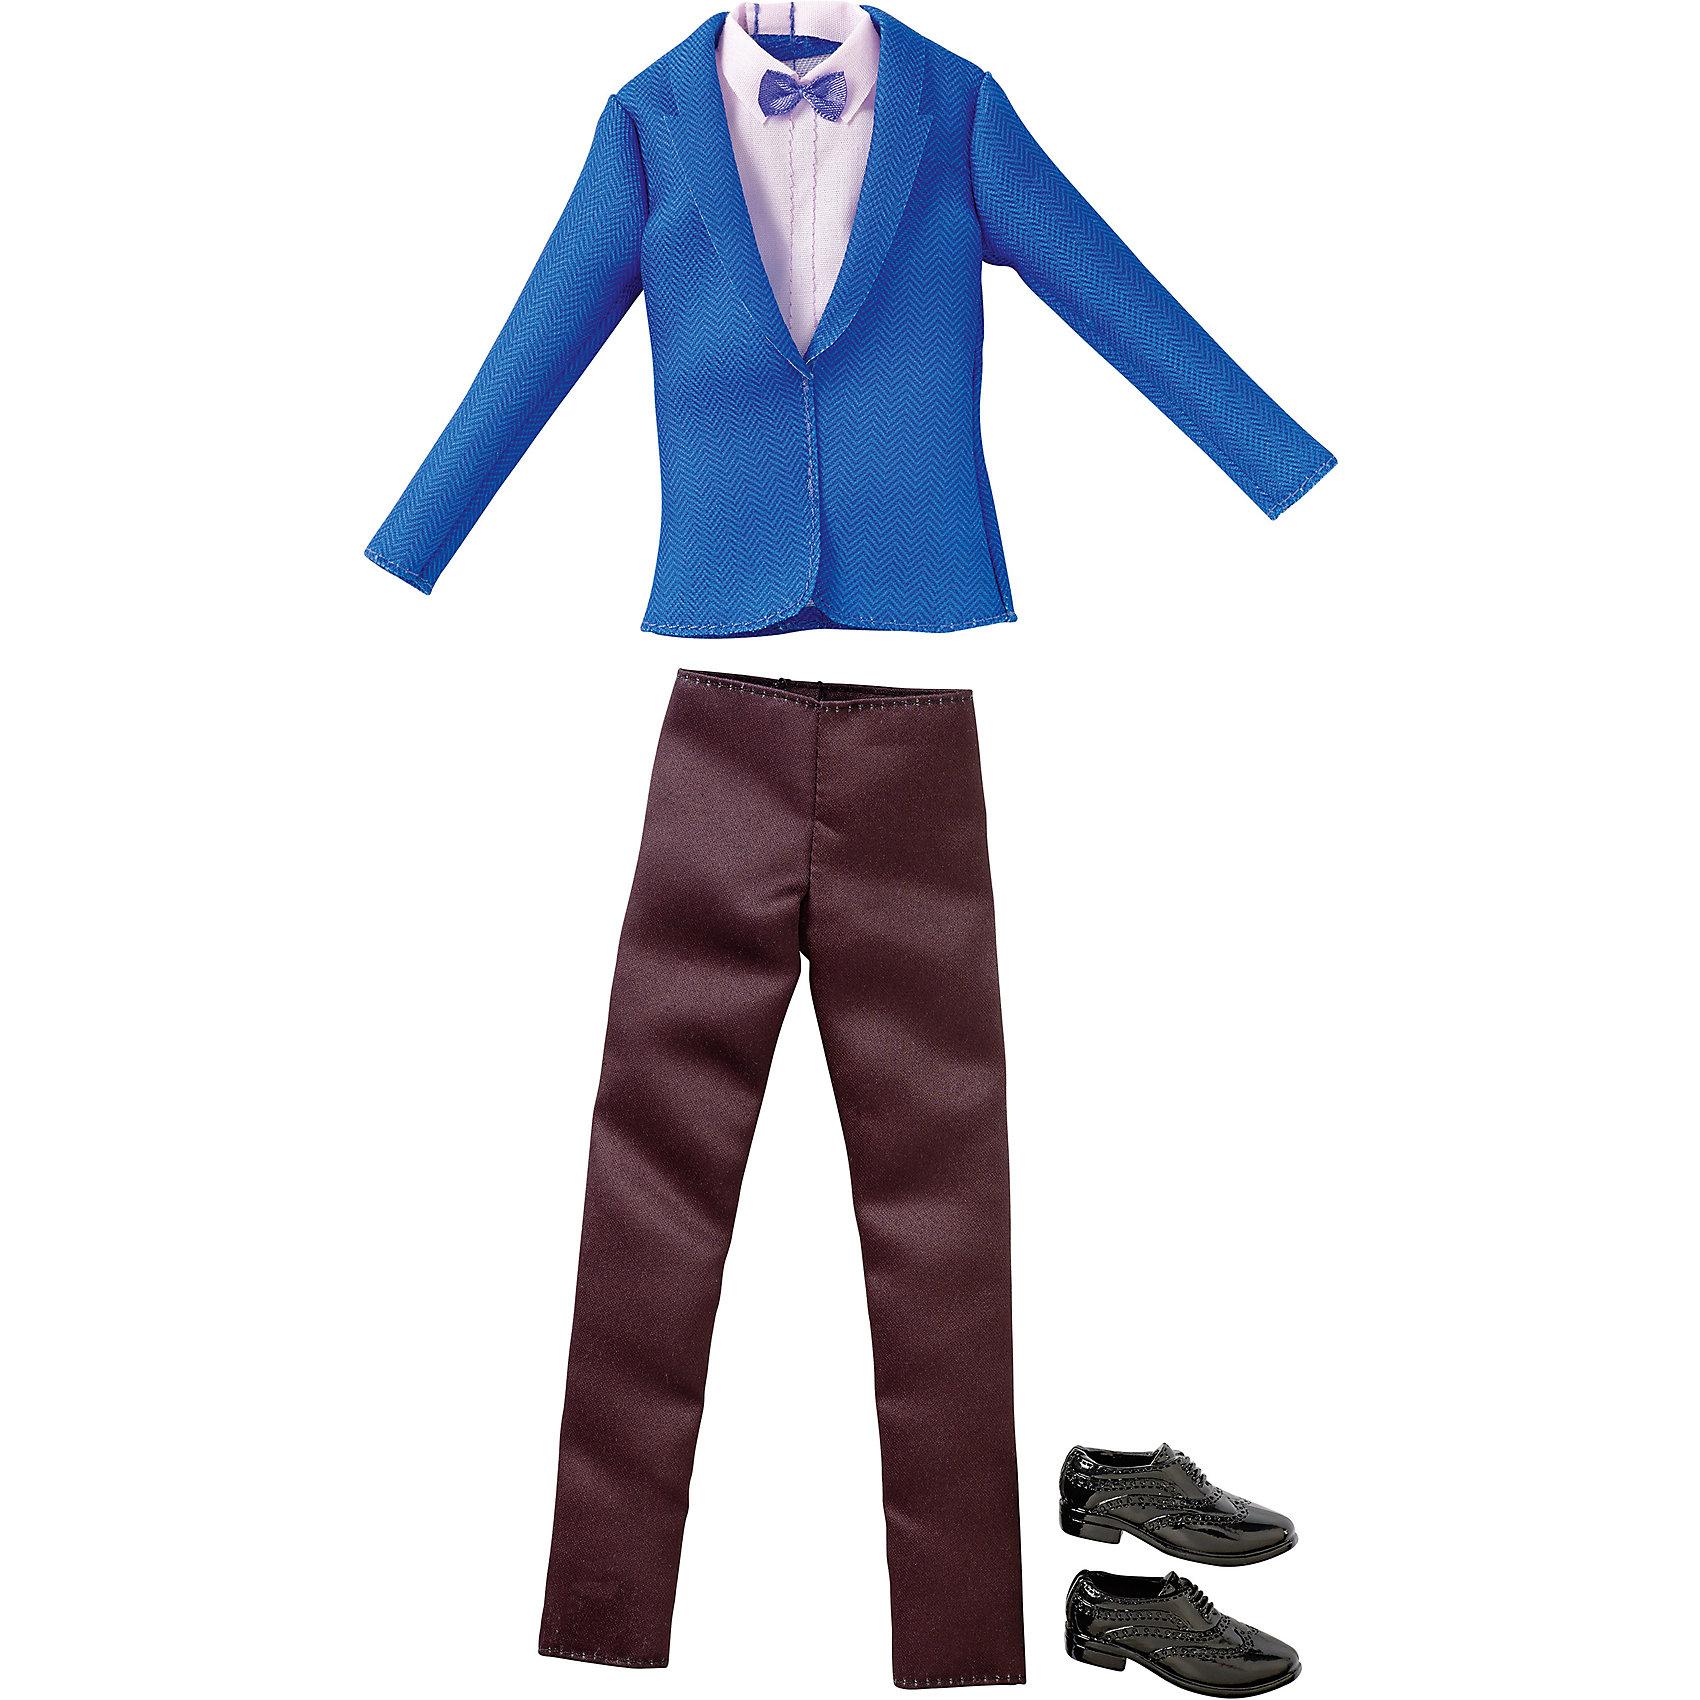 Одежда для Кена, BarbieBarbie<br>Набор одежды для друга куклы Barbie - Кена - отличный вариант подарка для любительницы этих кукол. В набор входят стильная футболка (рубашка), шорты (брюки) и обувь. Предметы из разных комплектов можно комбинировать, создавая новые шикарные образы для любимой куклы.<br>Такие игрушки помогают развить мелкую моторику, логическое мышление и воображение ребенка. Эта игрушка выполнена из текстиля и высококачественного прочного пластика, безопасного для детей, отлично детализирована.<br><br>Дополнительная информация:<br><br>комплектация: стильная футболка (рубашка), шорты (брюки) и обувь, пара туфель; <br>цвет: разноцветный;<br>материал: пластик, текстиль;<br>кукла продается отдельно!<br><br>Одежду для Кена, Barbie от компании Mattel можно купить в нашем магазине.<br><br>Ширина мм: 258<br>Глубина мм: 114<br>Высота мм: 17<br>Вес г: 33<br>Возраст от месяцев: 36<br>Возраст до месяцев: 96<br>Пол: Женский<br>Возраст: Детский<br>SKU: 4918794